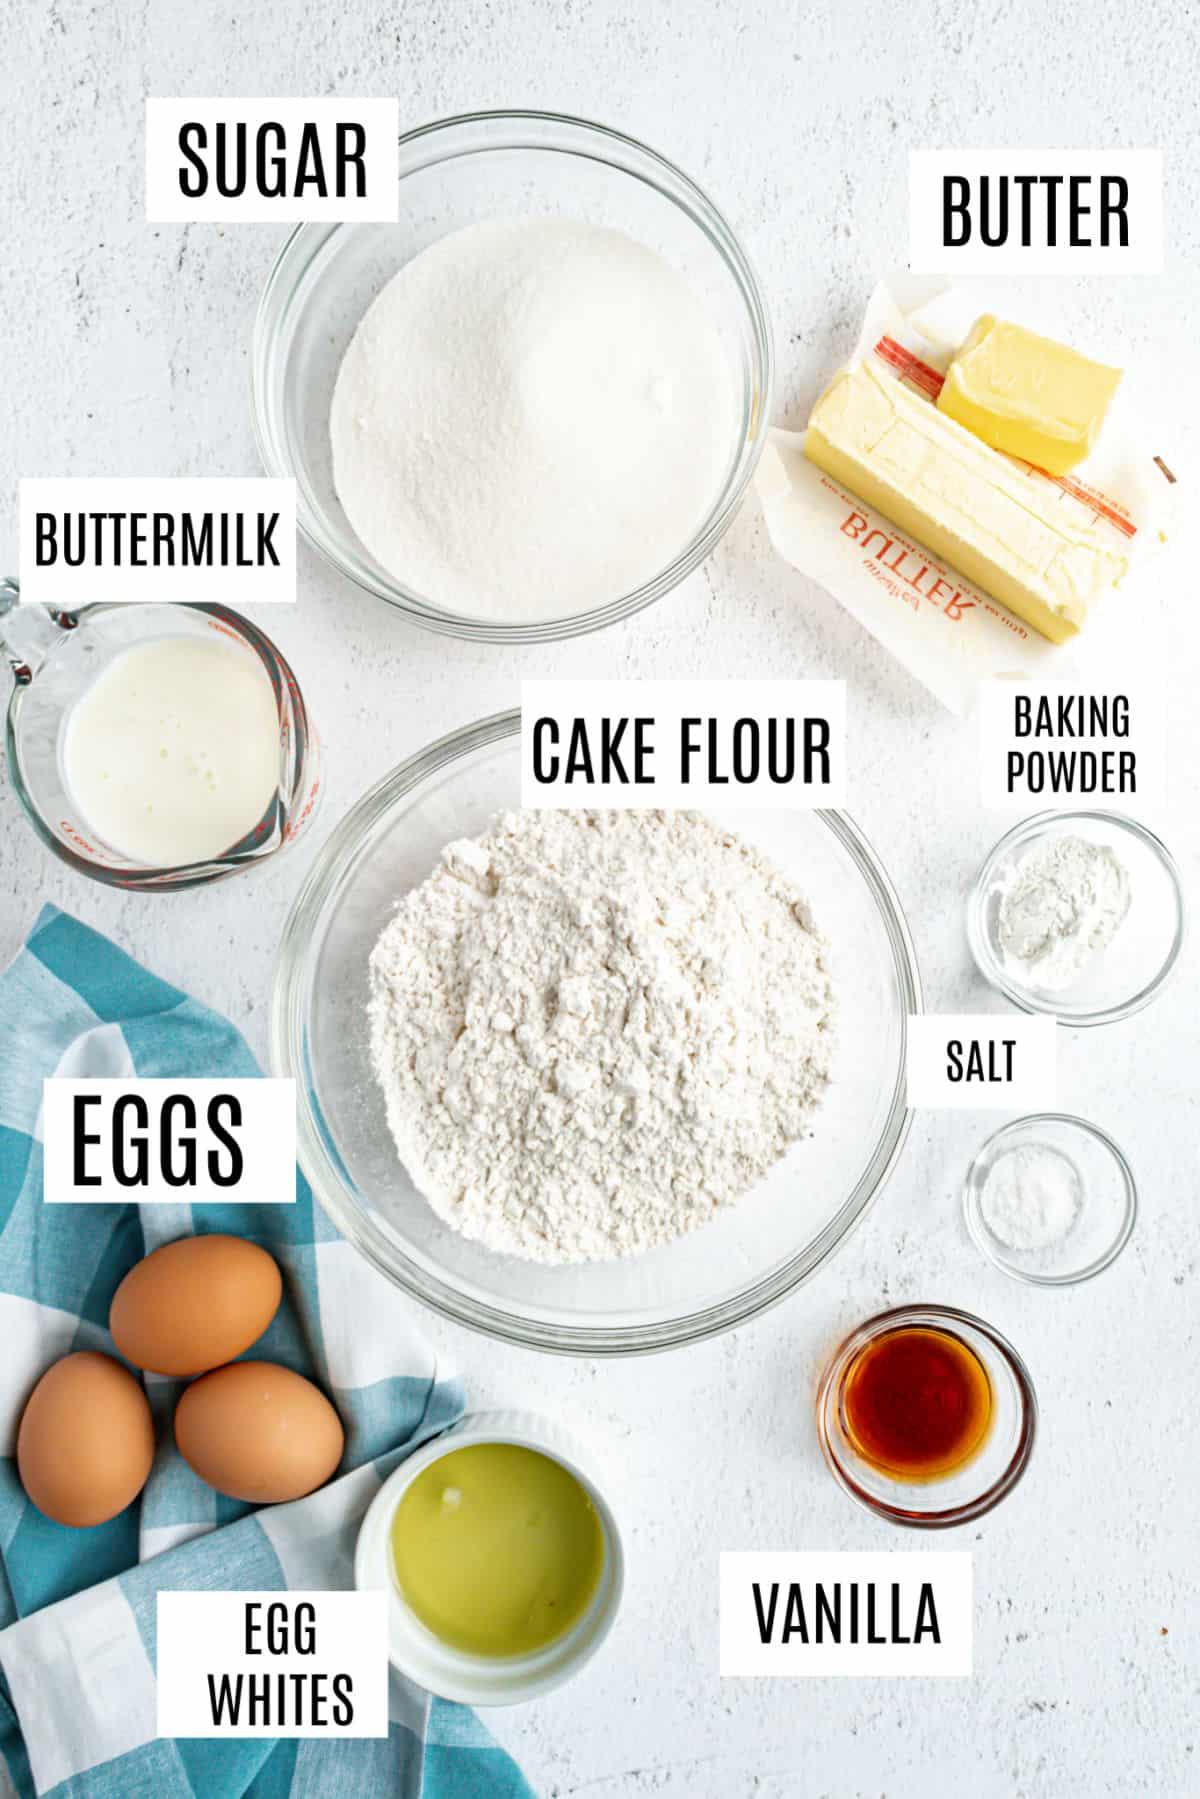 Ingredients needed to make vanilla sheet cake.